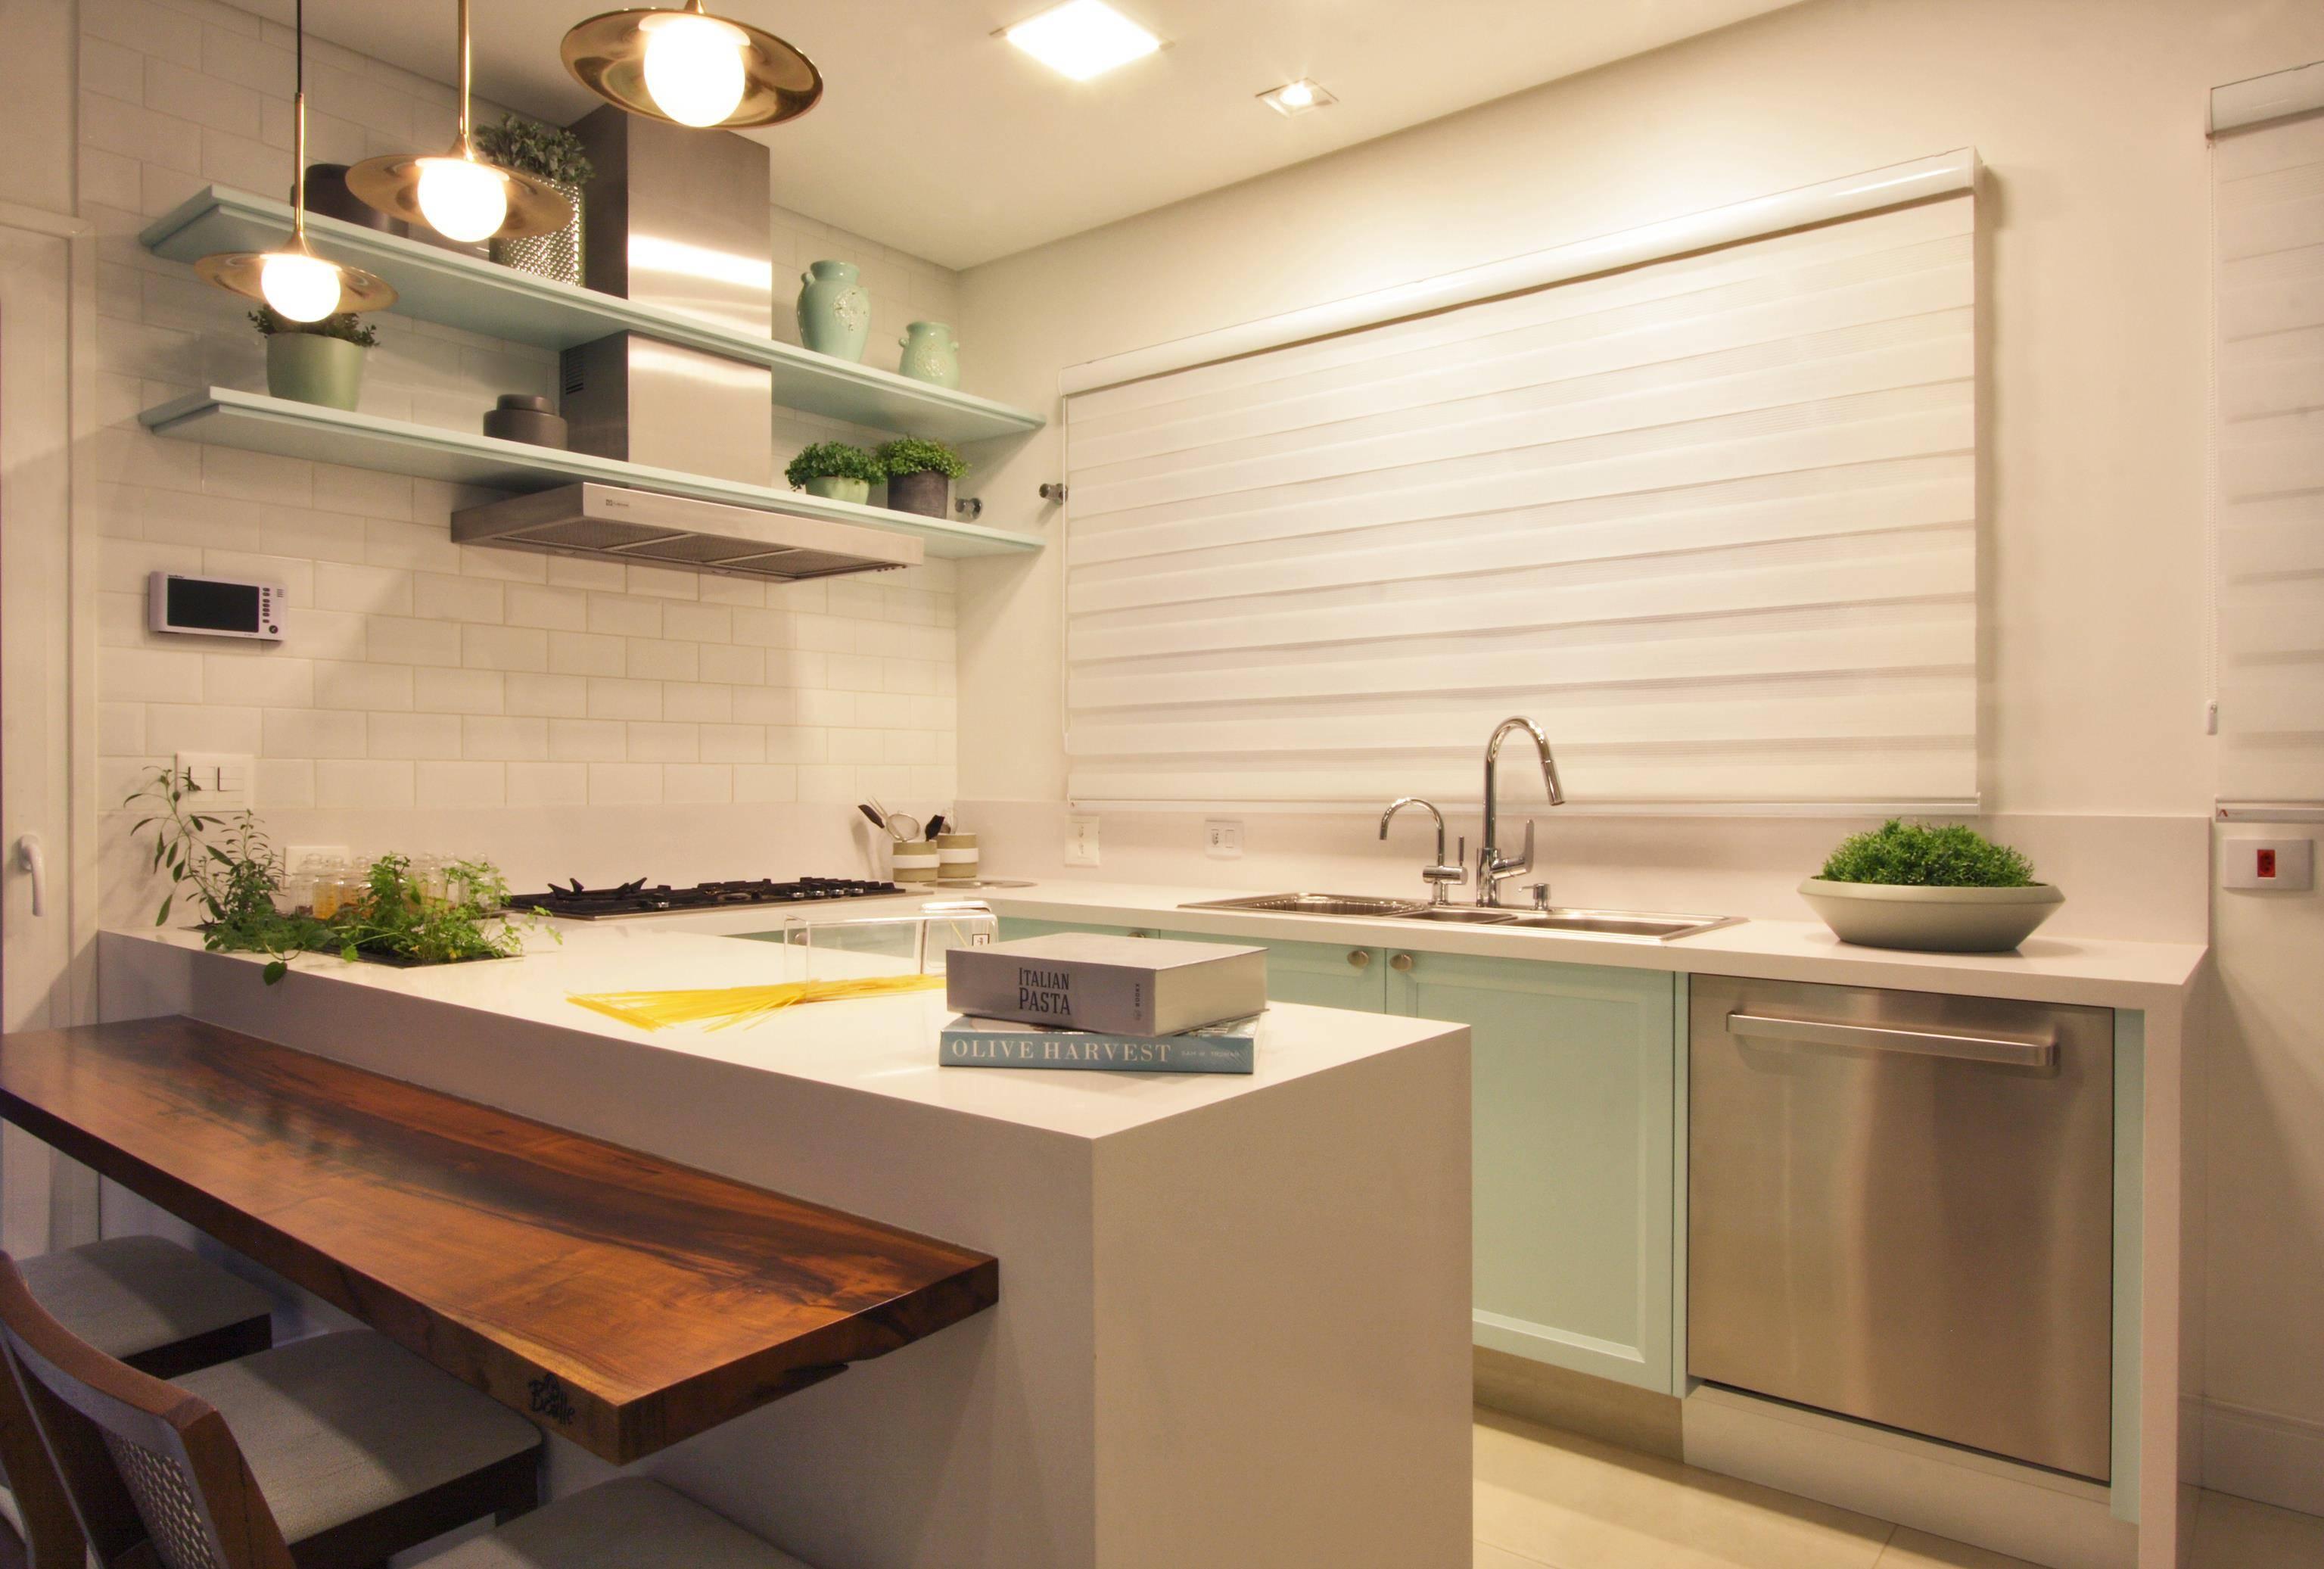 Cozinha projetada por Laryssa Rocha recebeu bancada de pedra Silestone branca, com parte em madeira, que serve tanto para dividir os ambientes, como para refeições rápidas.